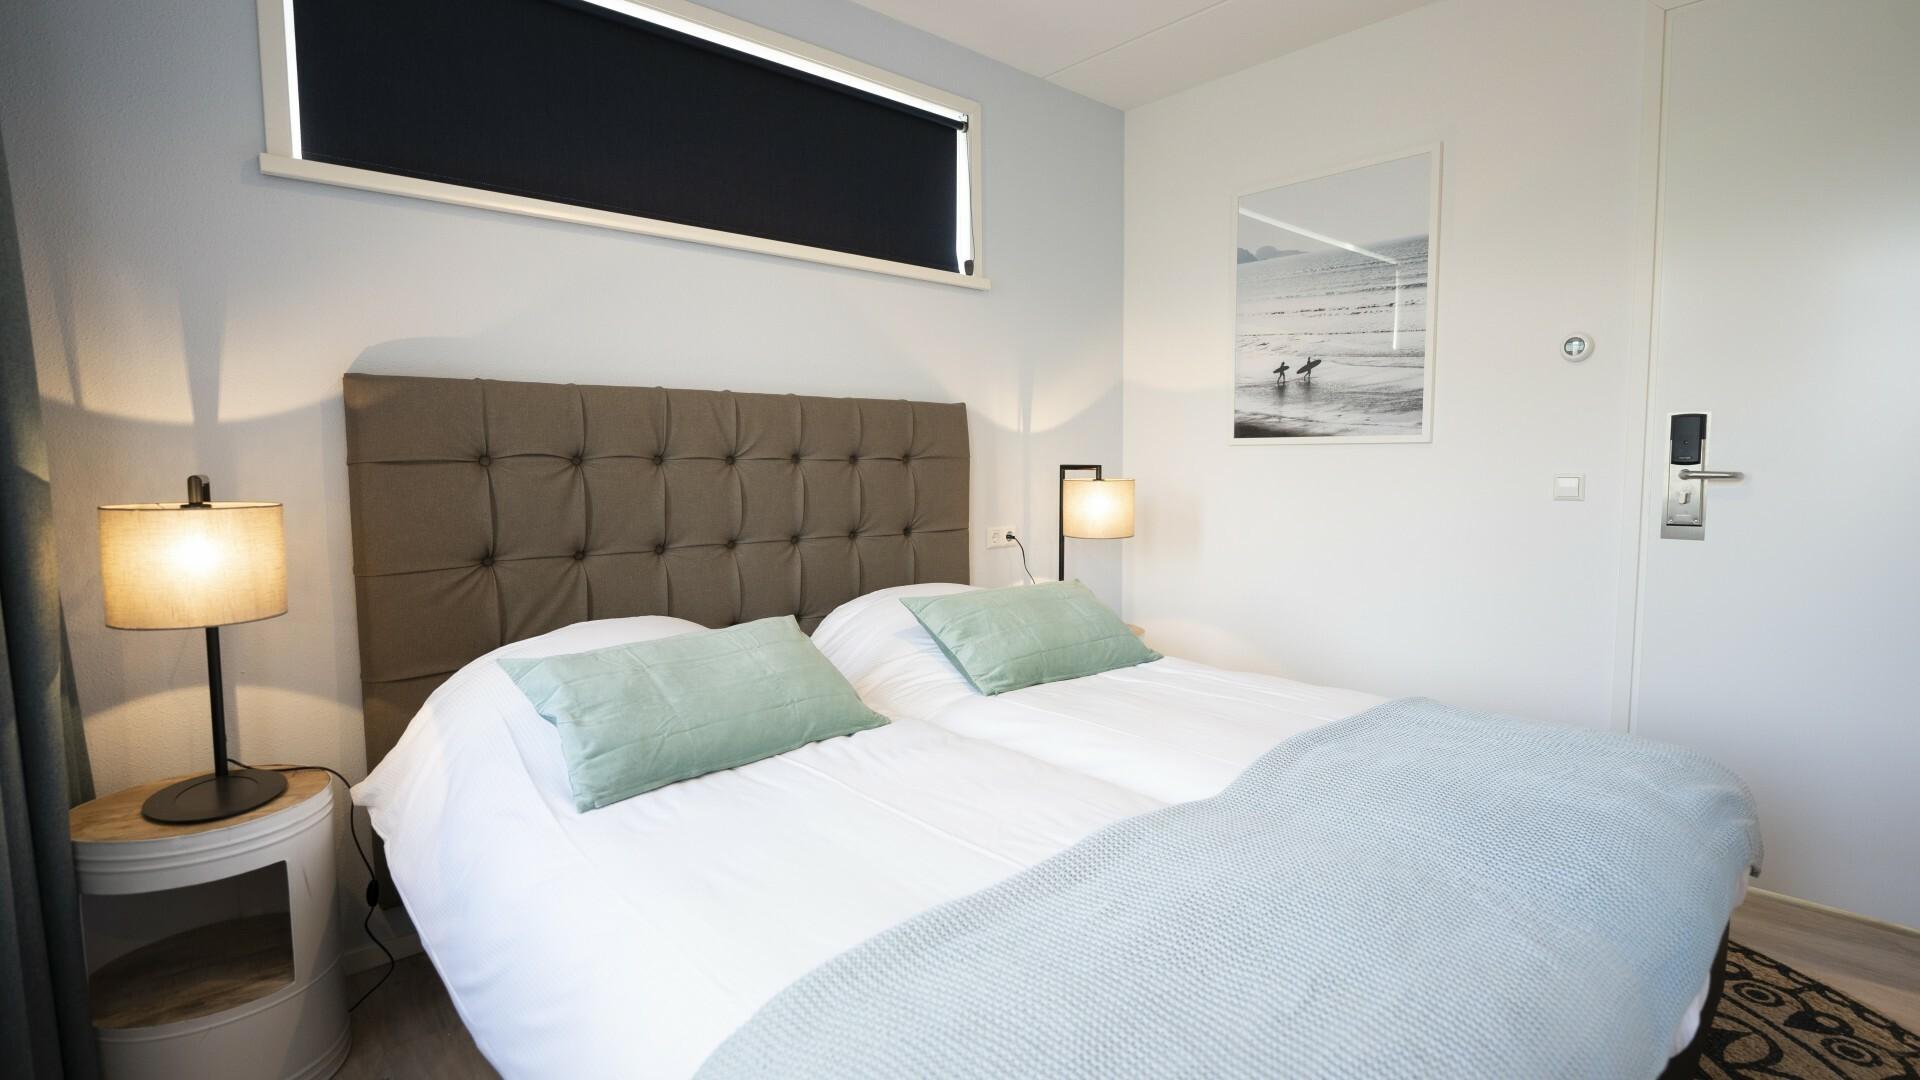 Bed and breakfast slaapkamer Tesselhof VVV Texel fotograaf Liselotte Schoo